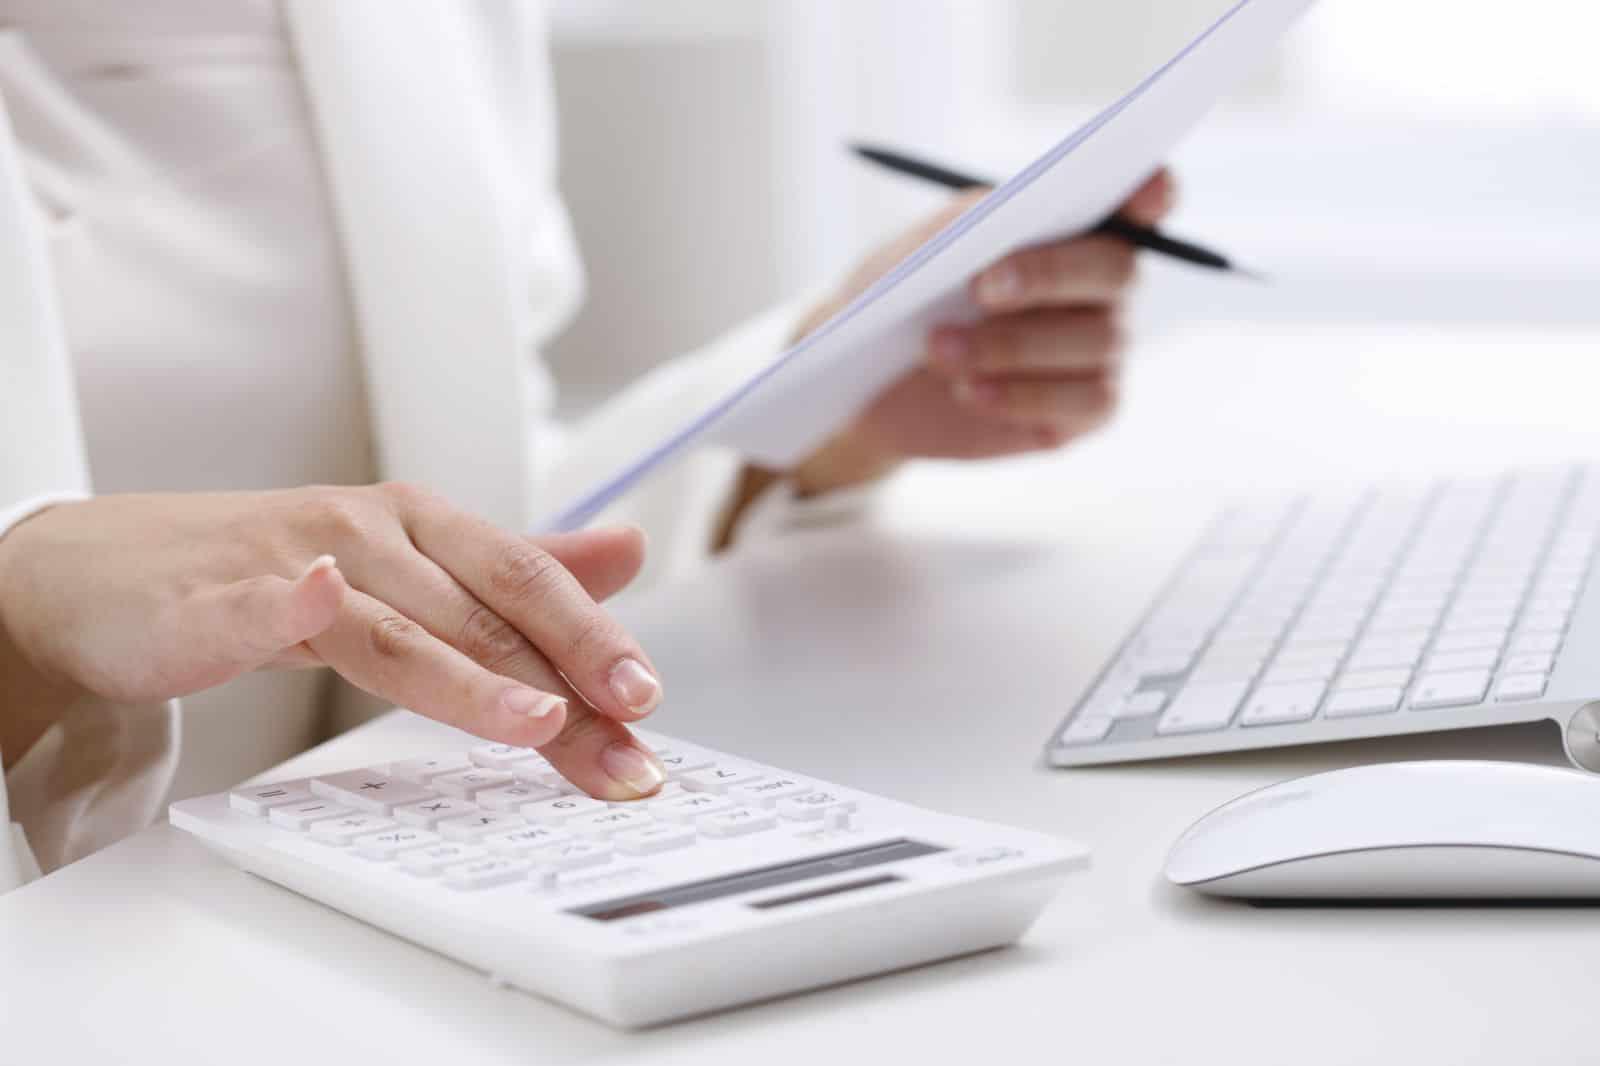 скачать бесплатно калькулятор стажа работы по трудовой книжке онлайн займ без фото с паспортом пенсионерам